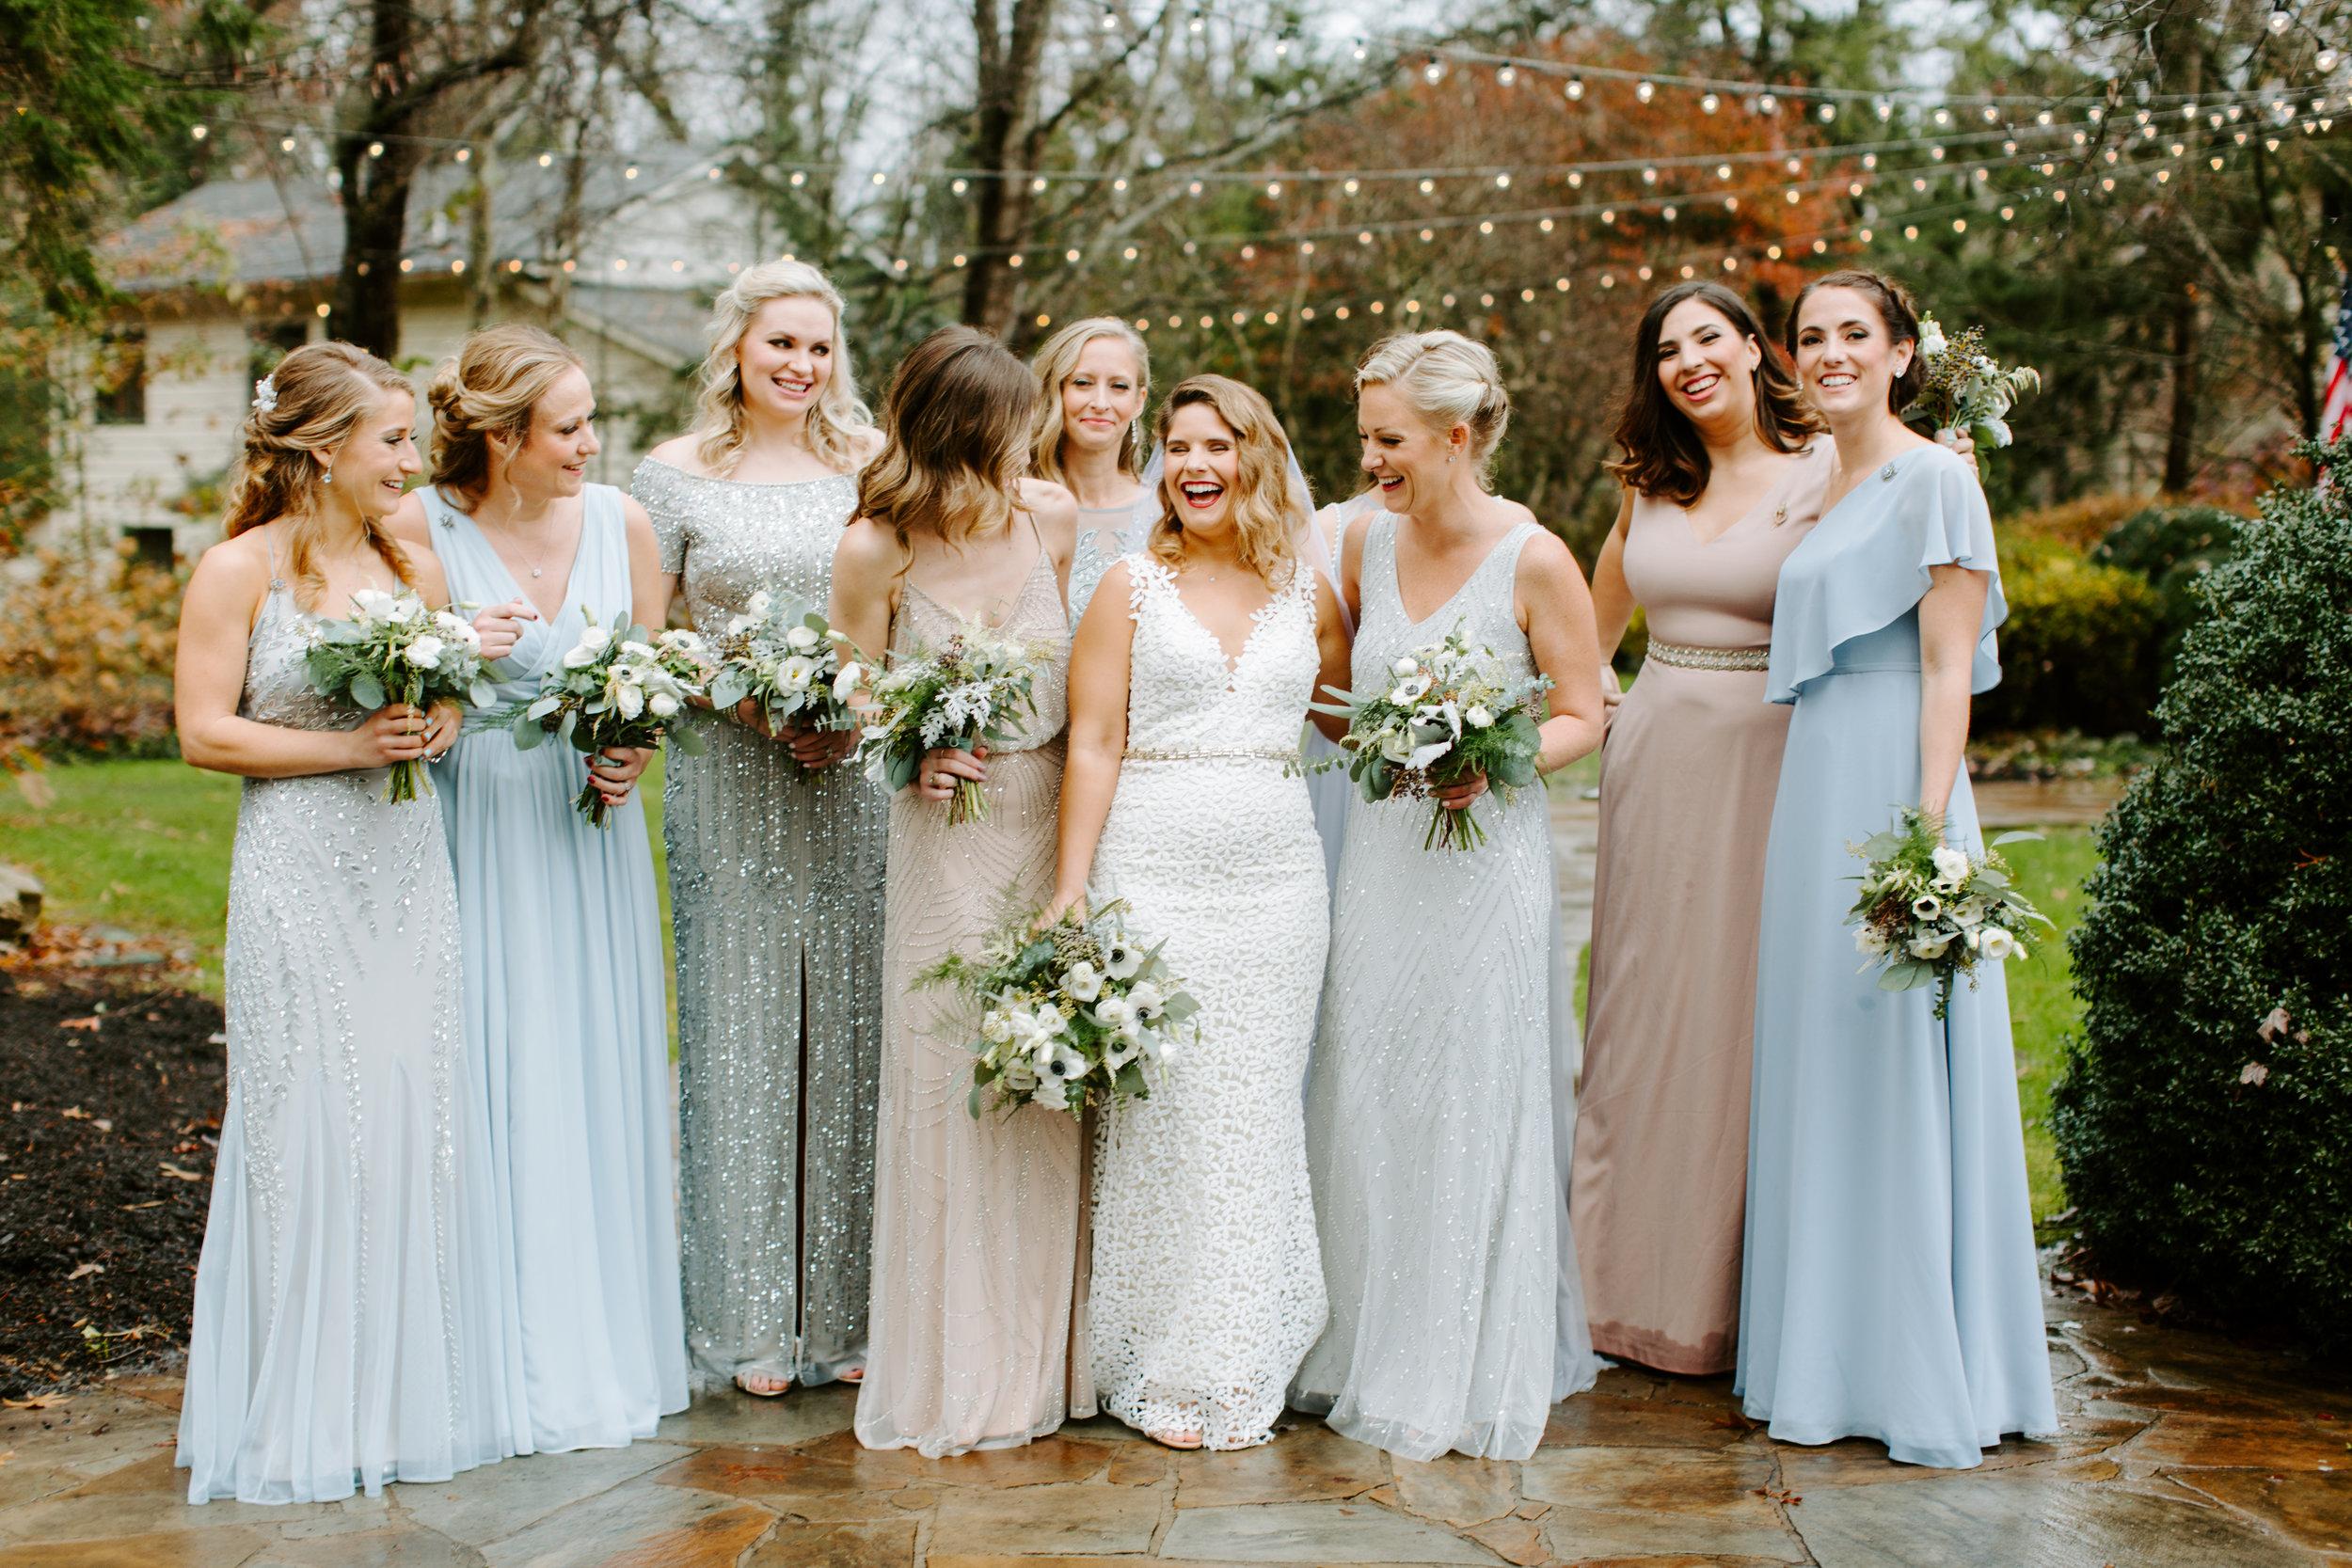 bridesmaids at rt lodge wearing baby blue